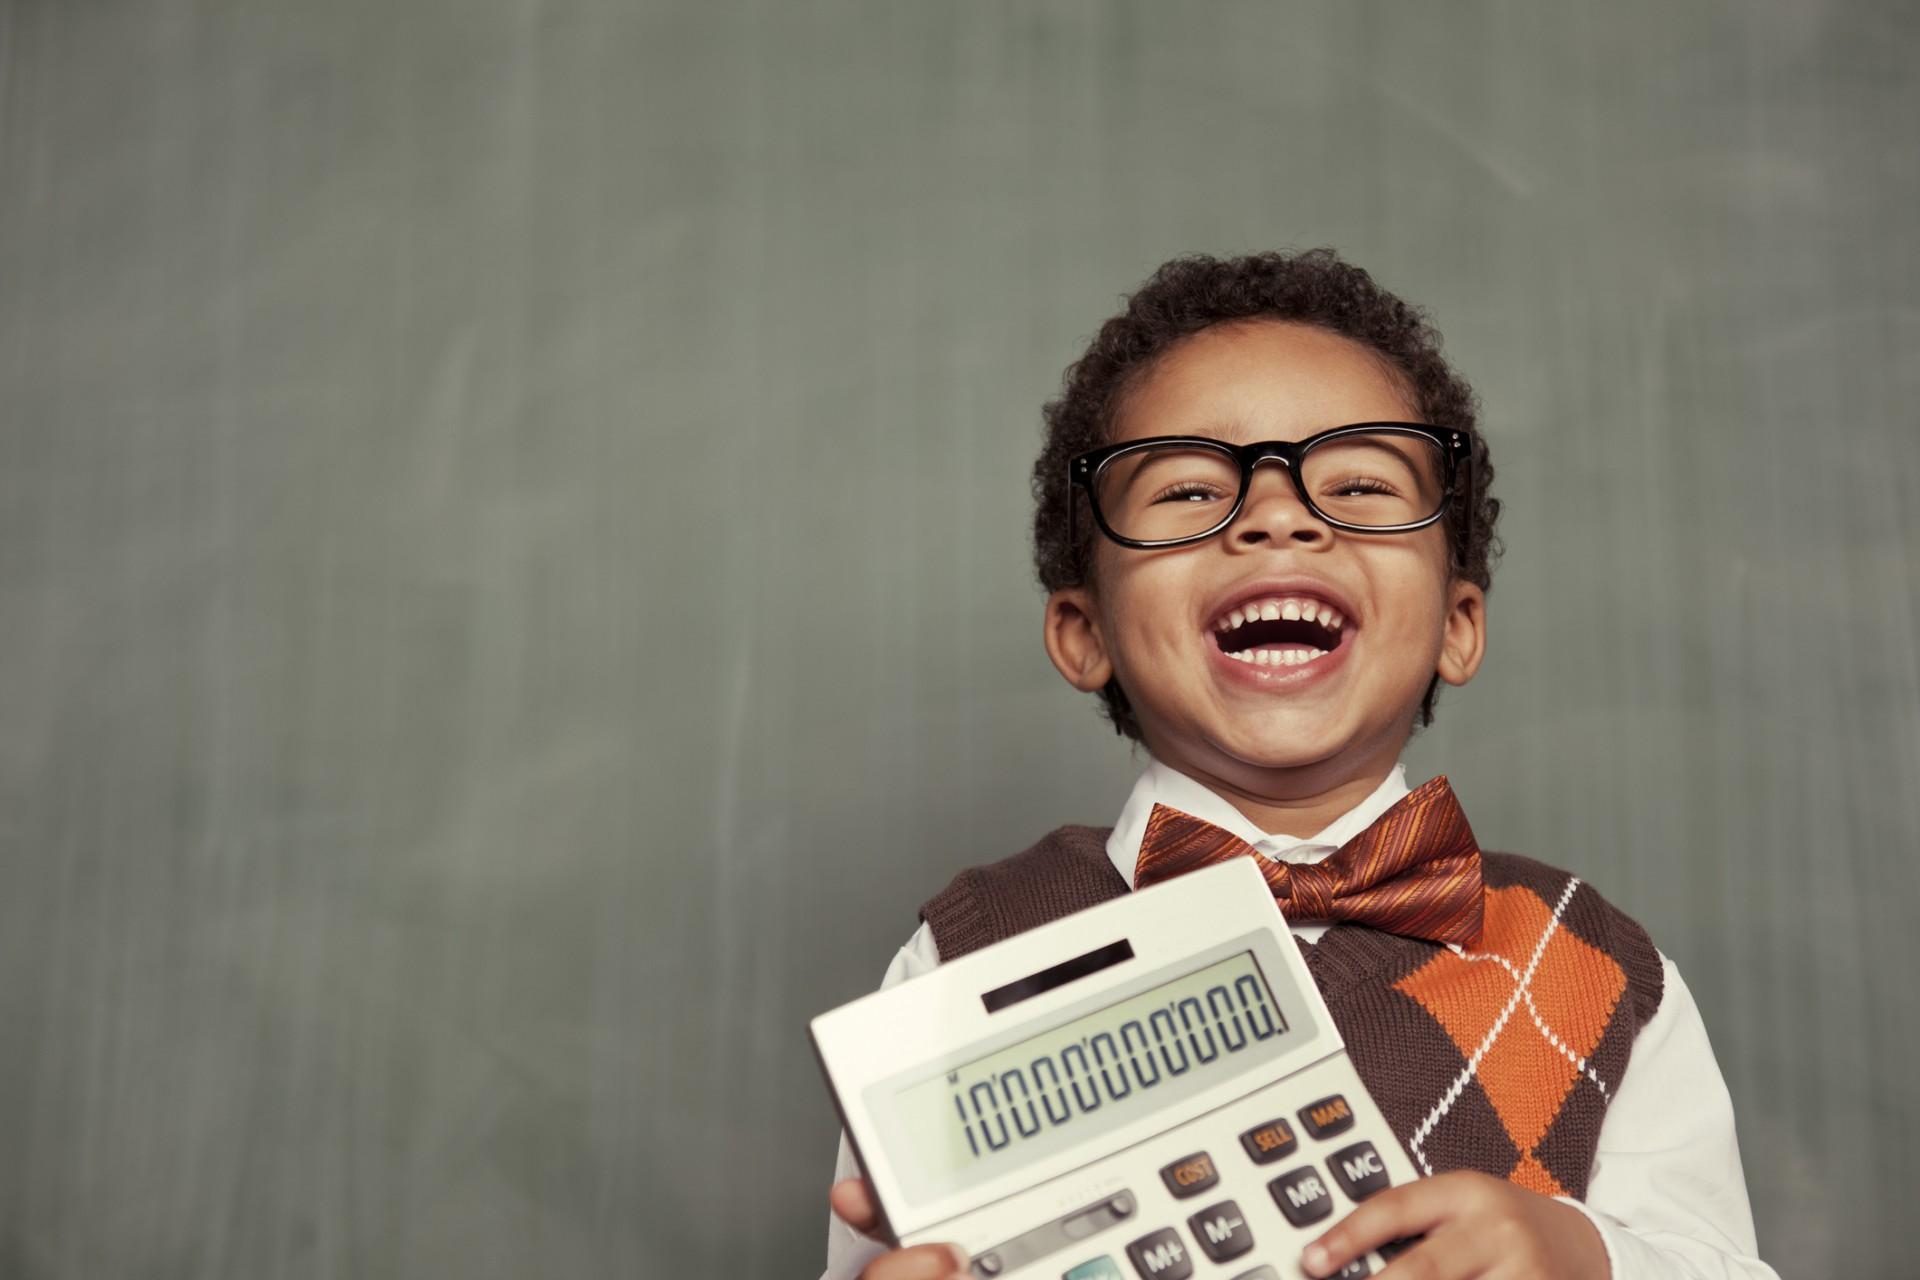 Educação financeira é a capacidade de compreender o valor do dinheiro nas relações de consumo